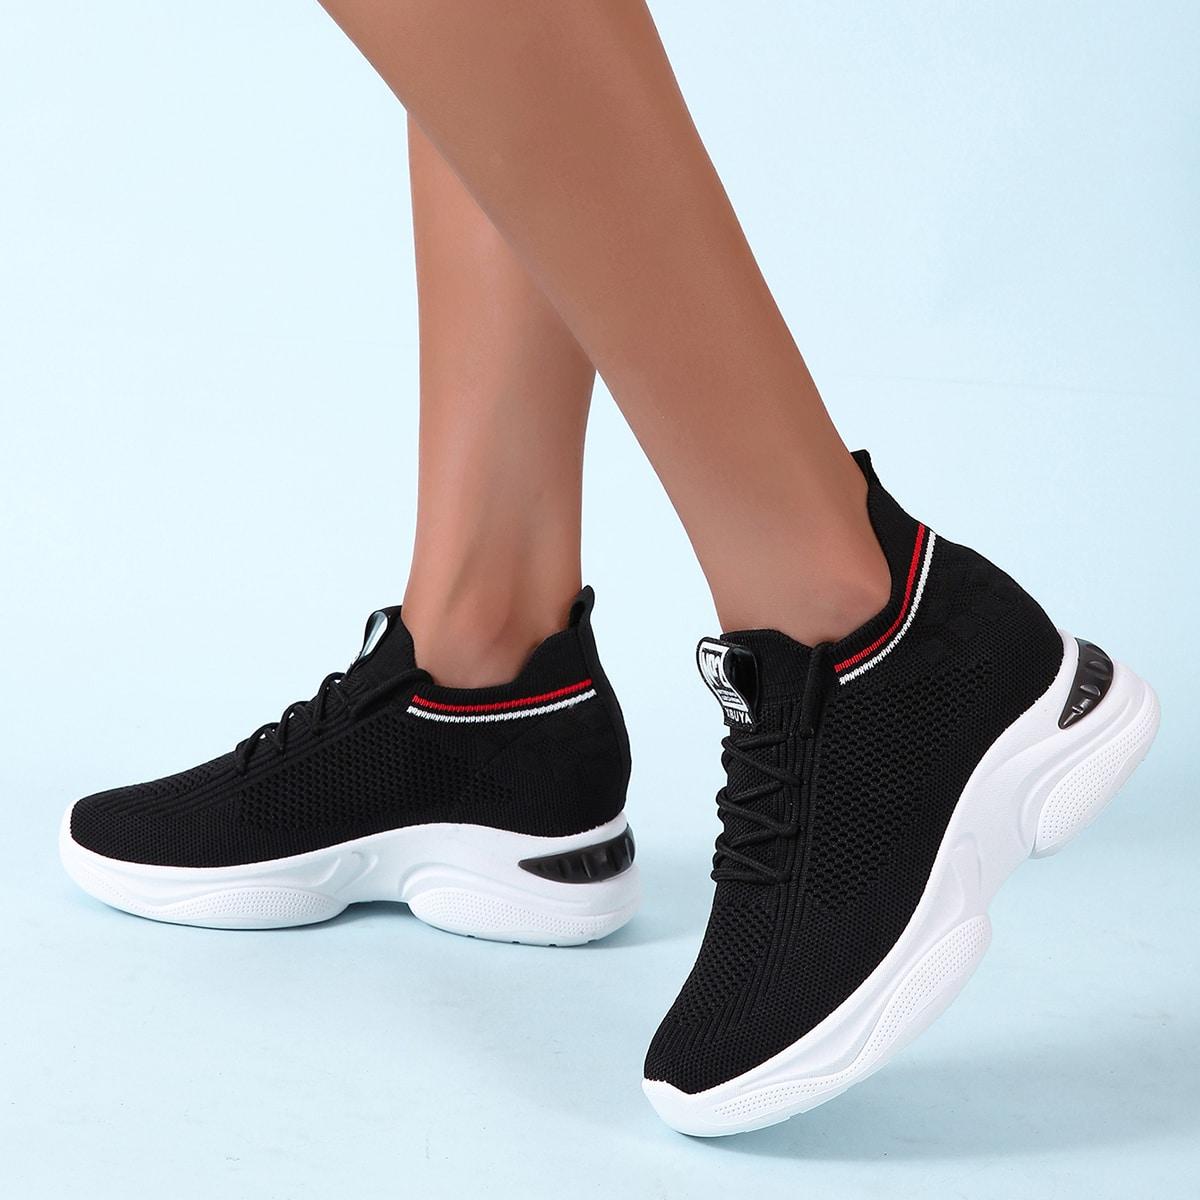 Беговая обувь в полоску на шнурках